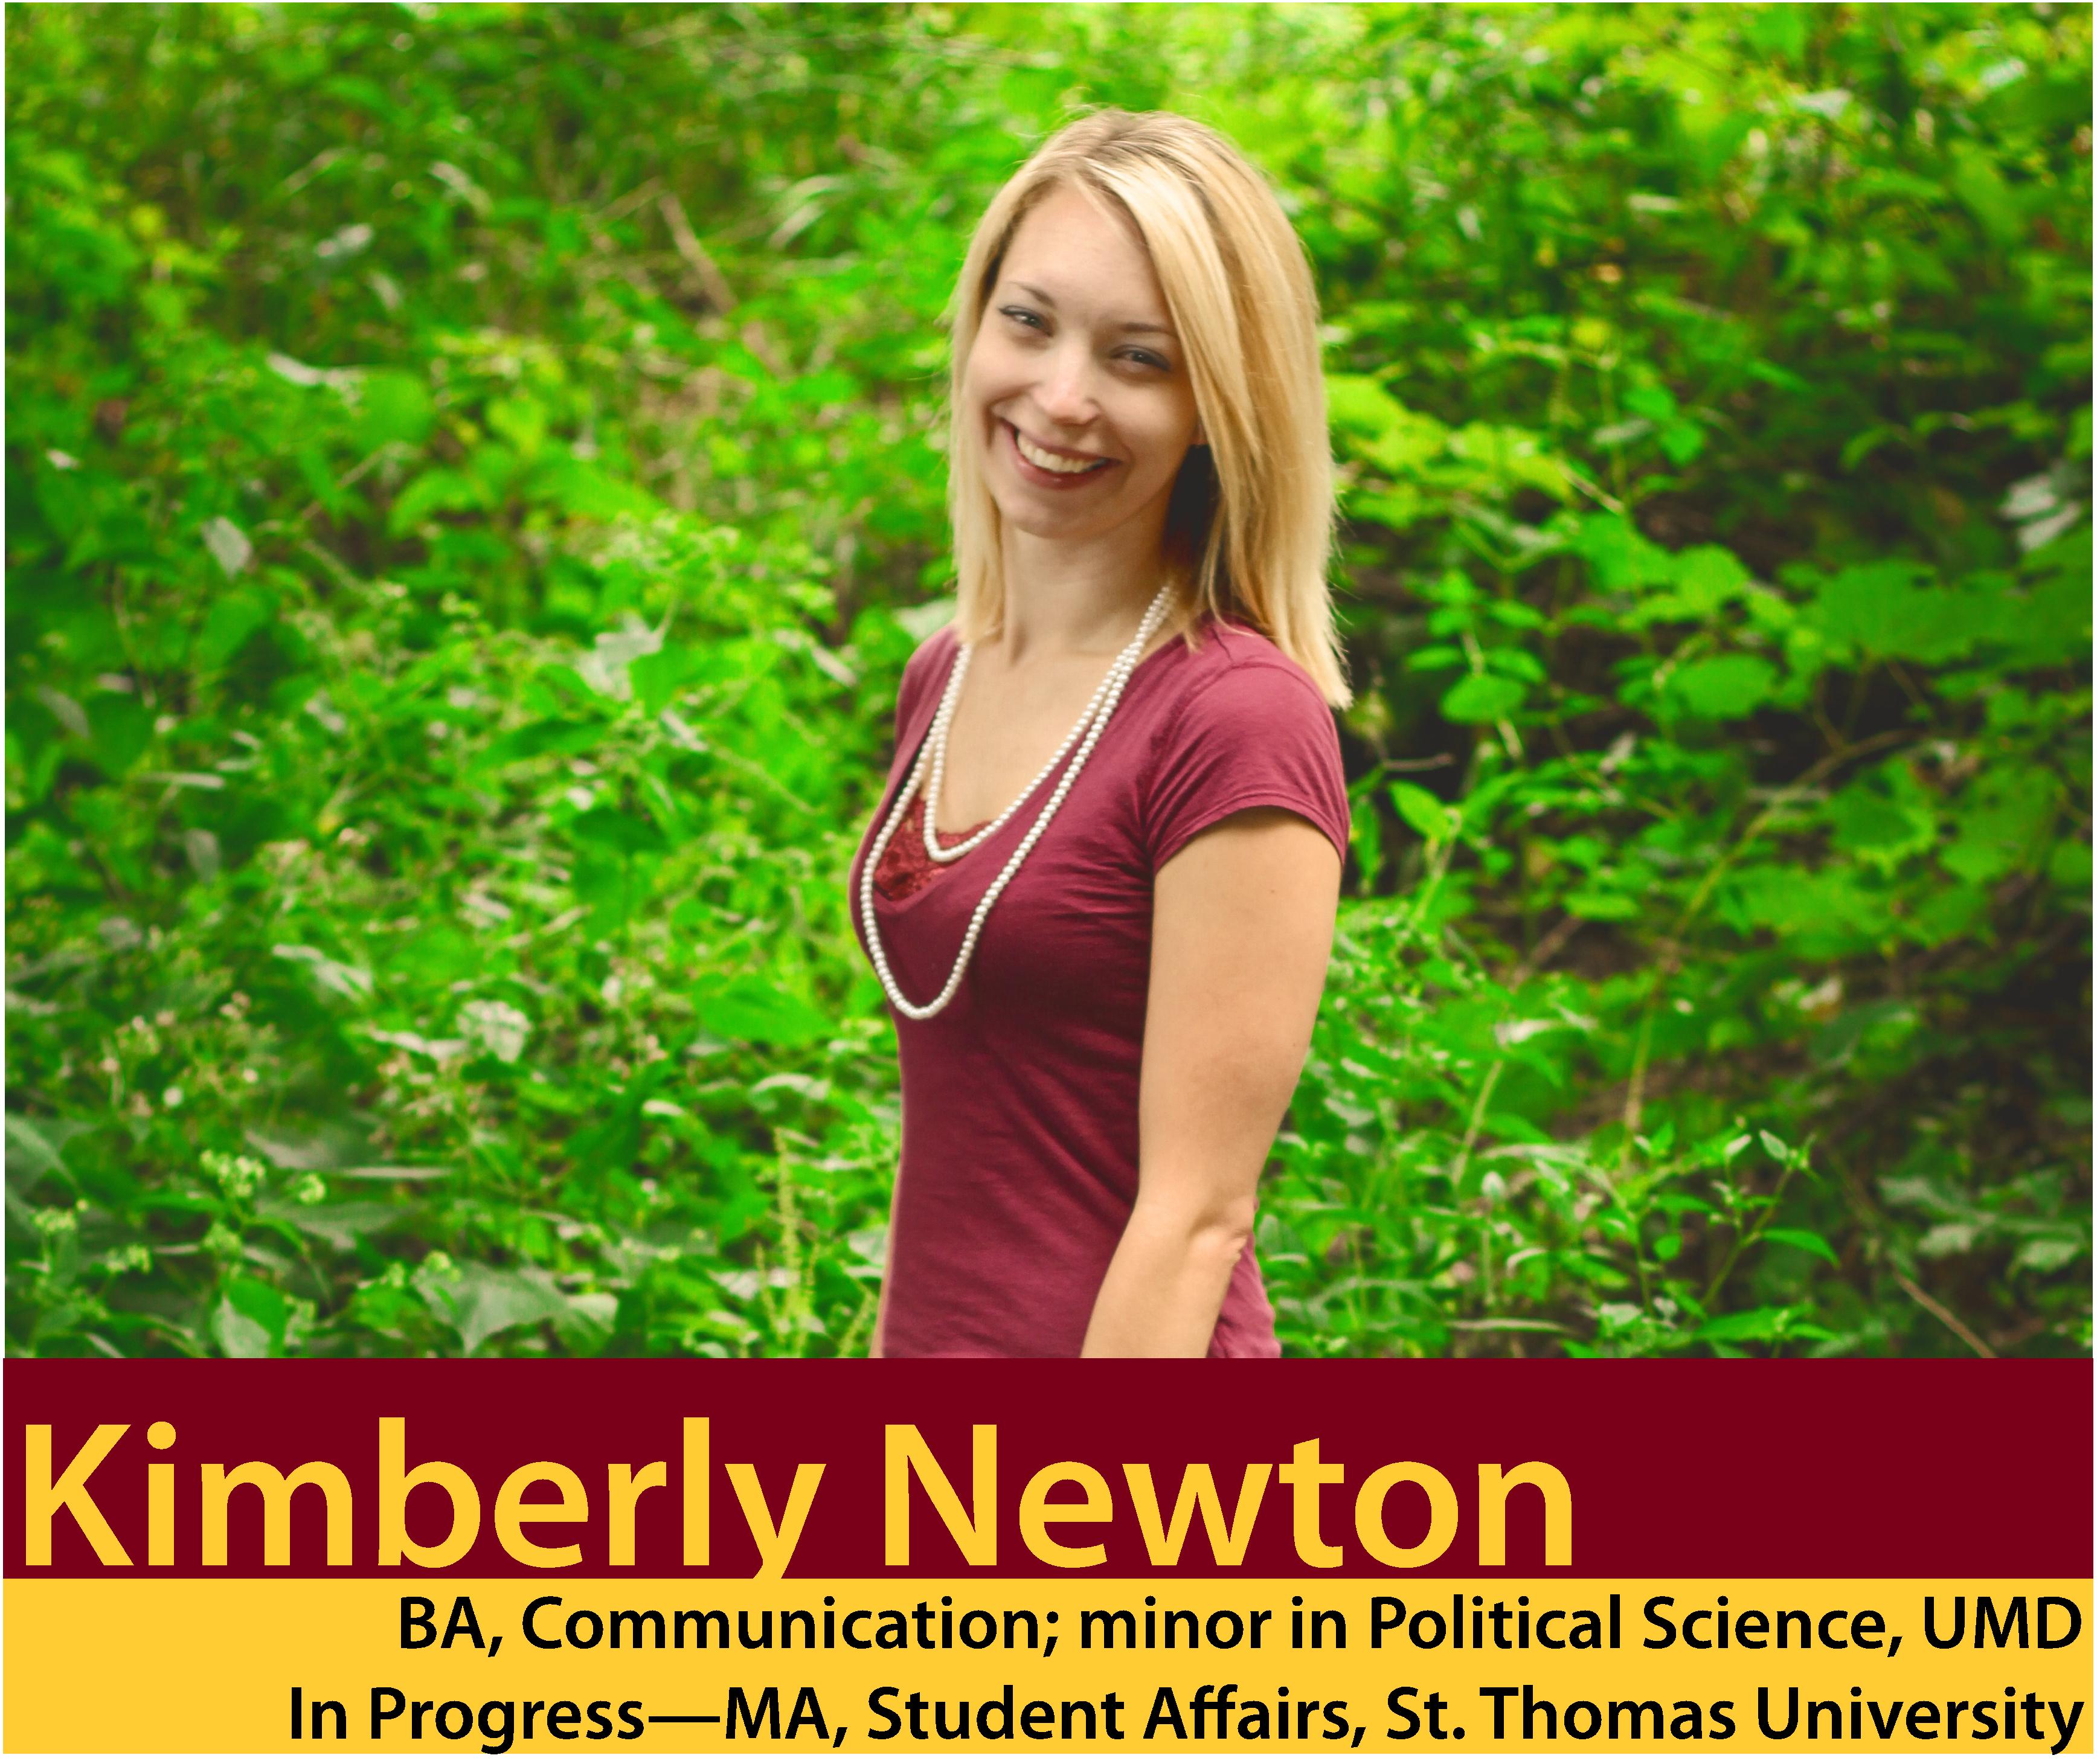 Alumni Photo: Kimberly Newton